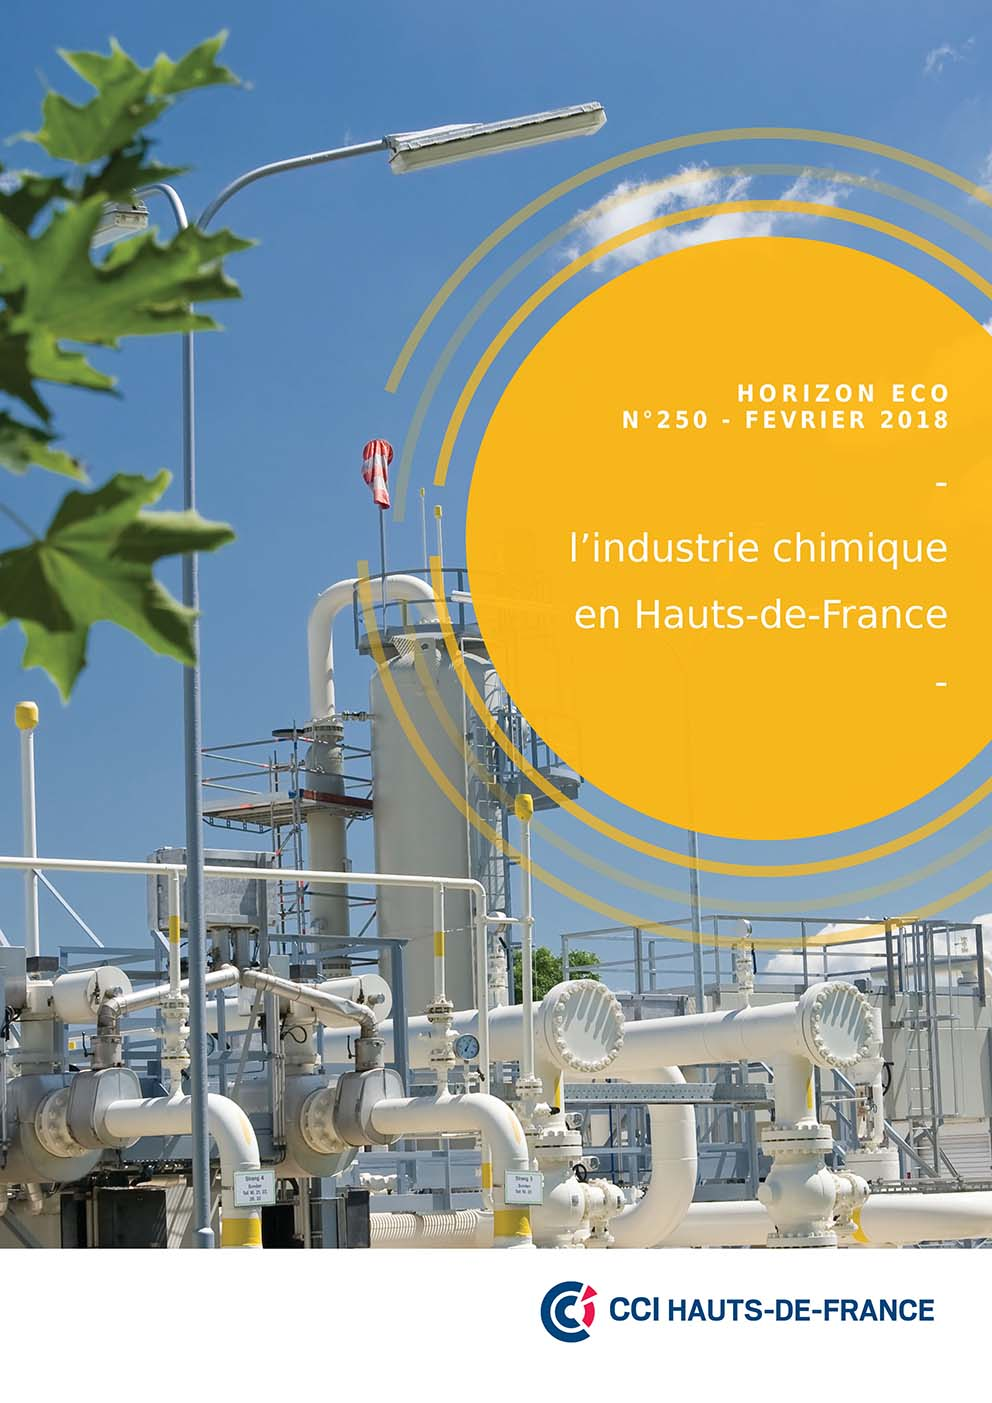 Industrie chimique page de couv